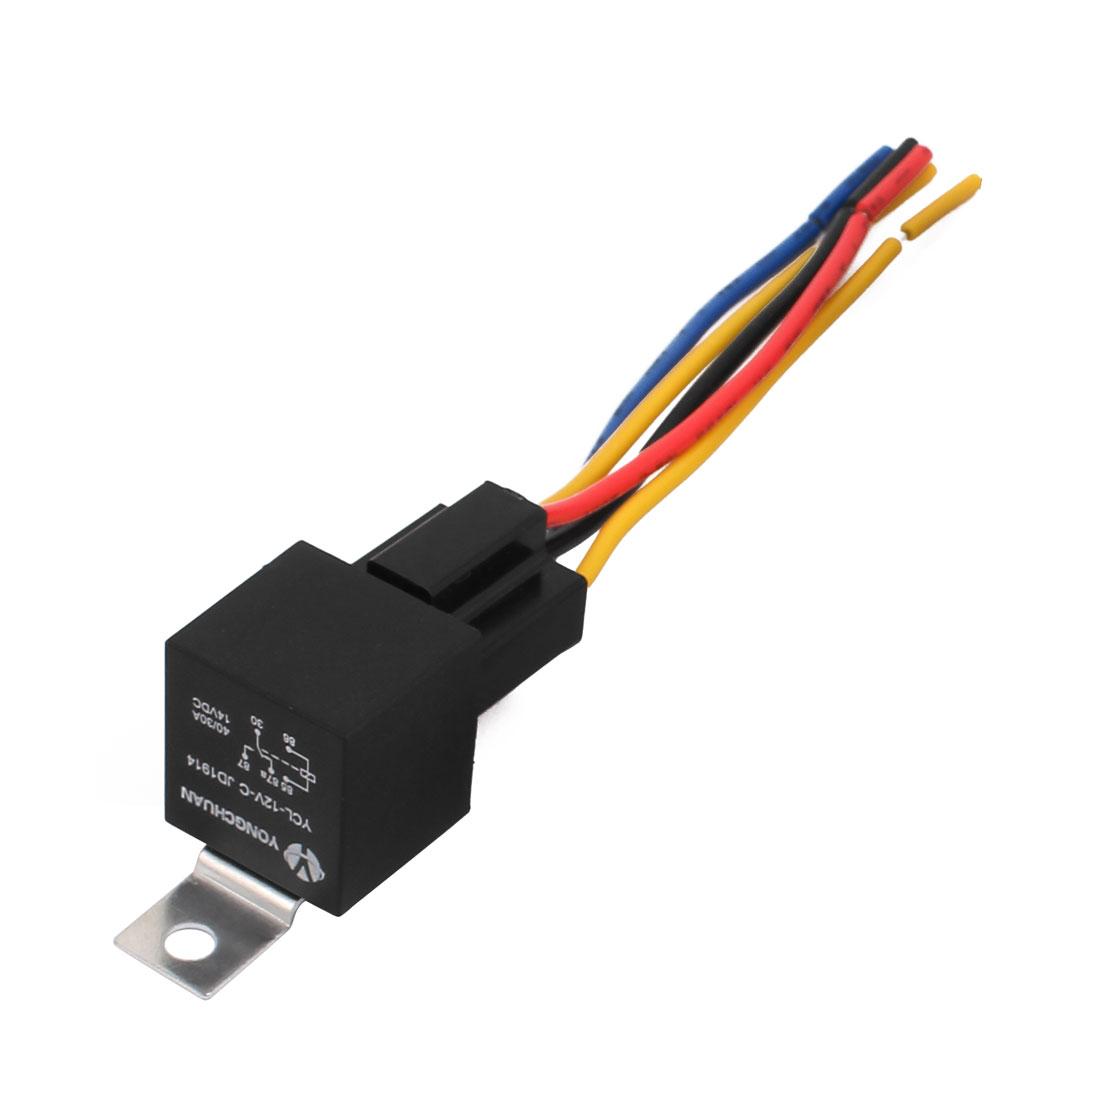 JD1914 DC 14V Coil Voltage Car Alarm 5 Pin 1NO+1NC Relay w Plastic Socket